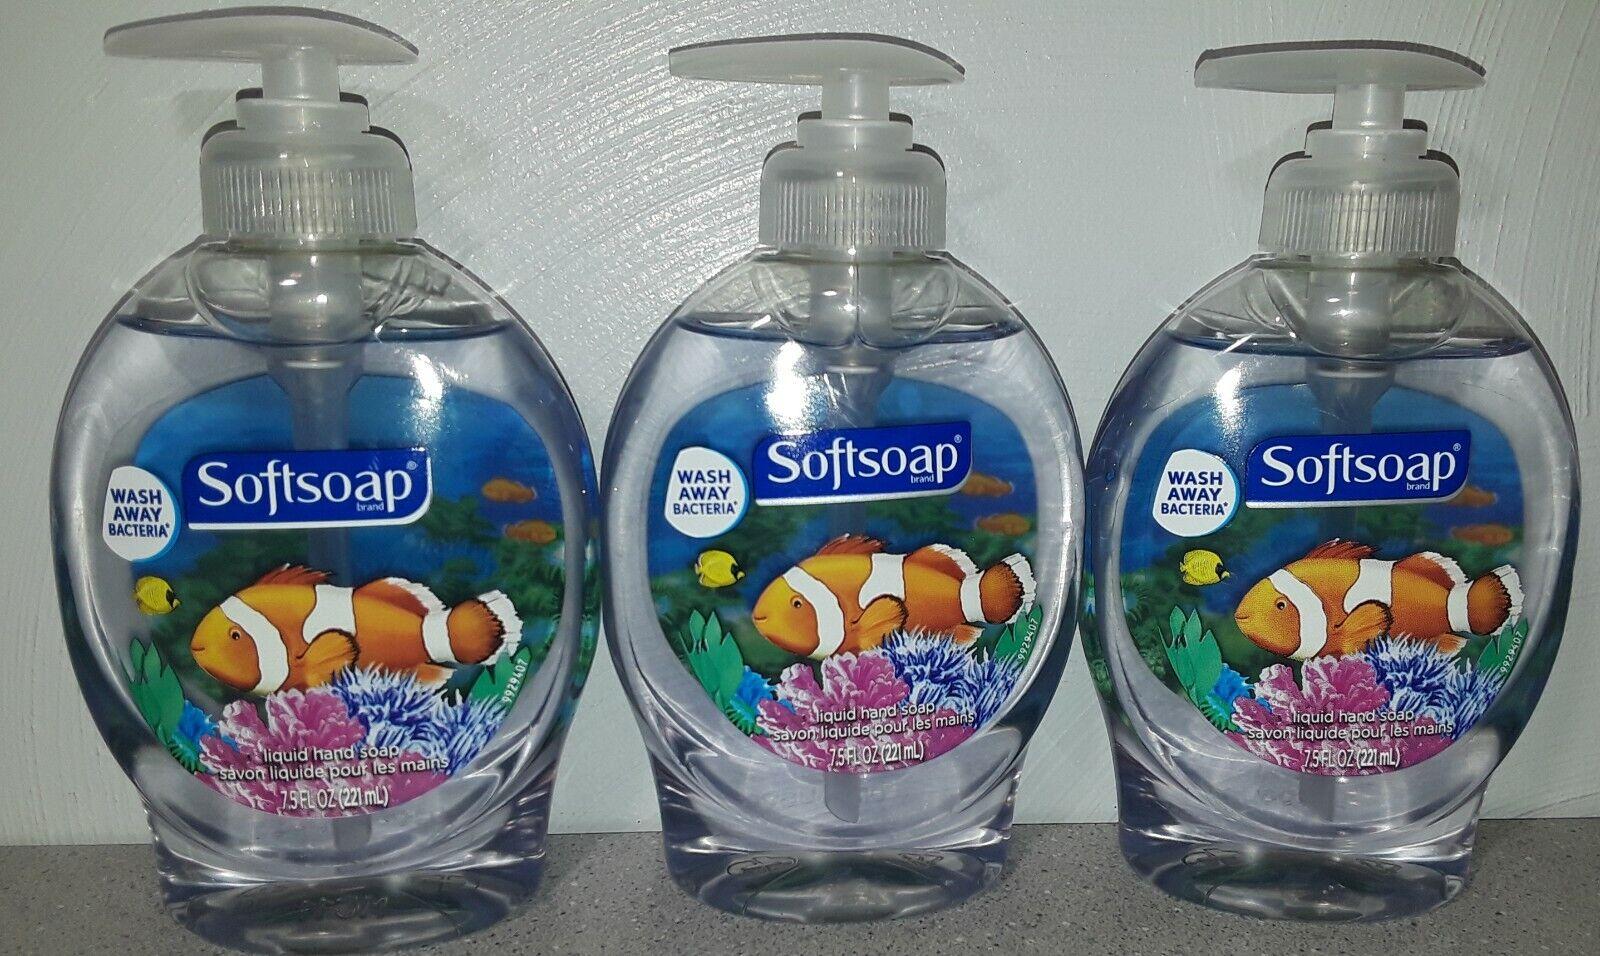 Softsoap Aquarium Series Liquid Hand Soap Antibacterial 7.5